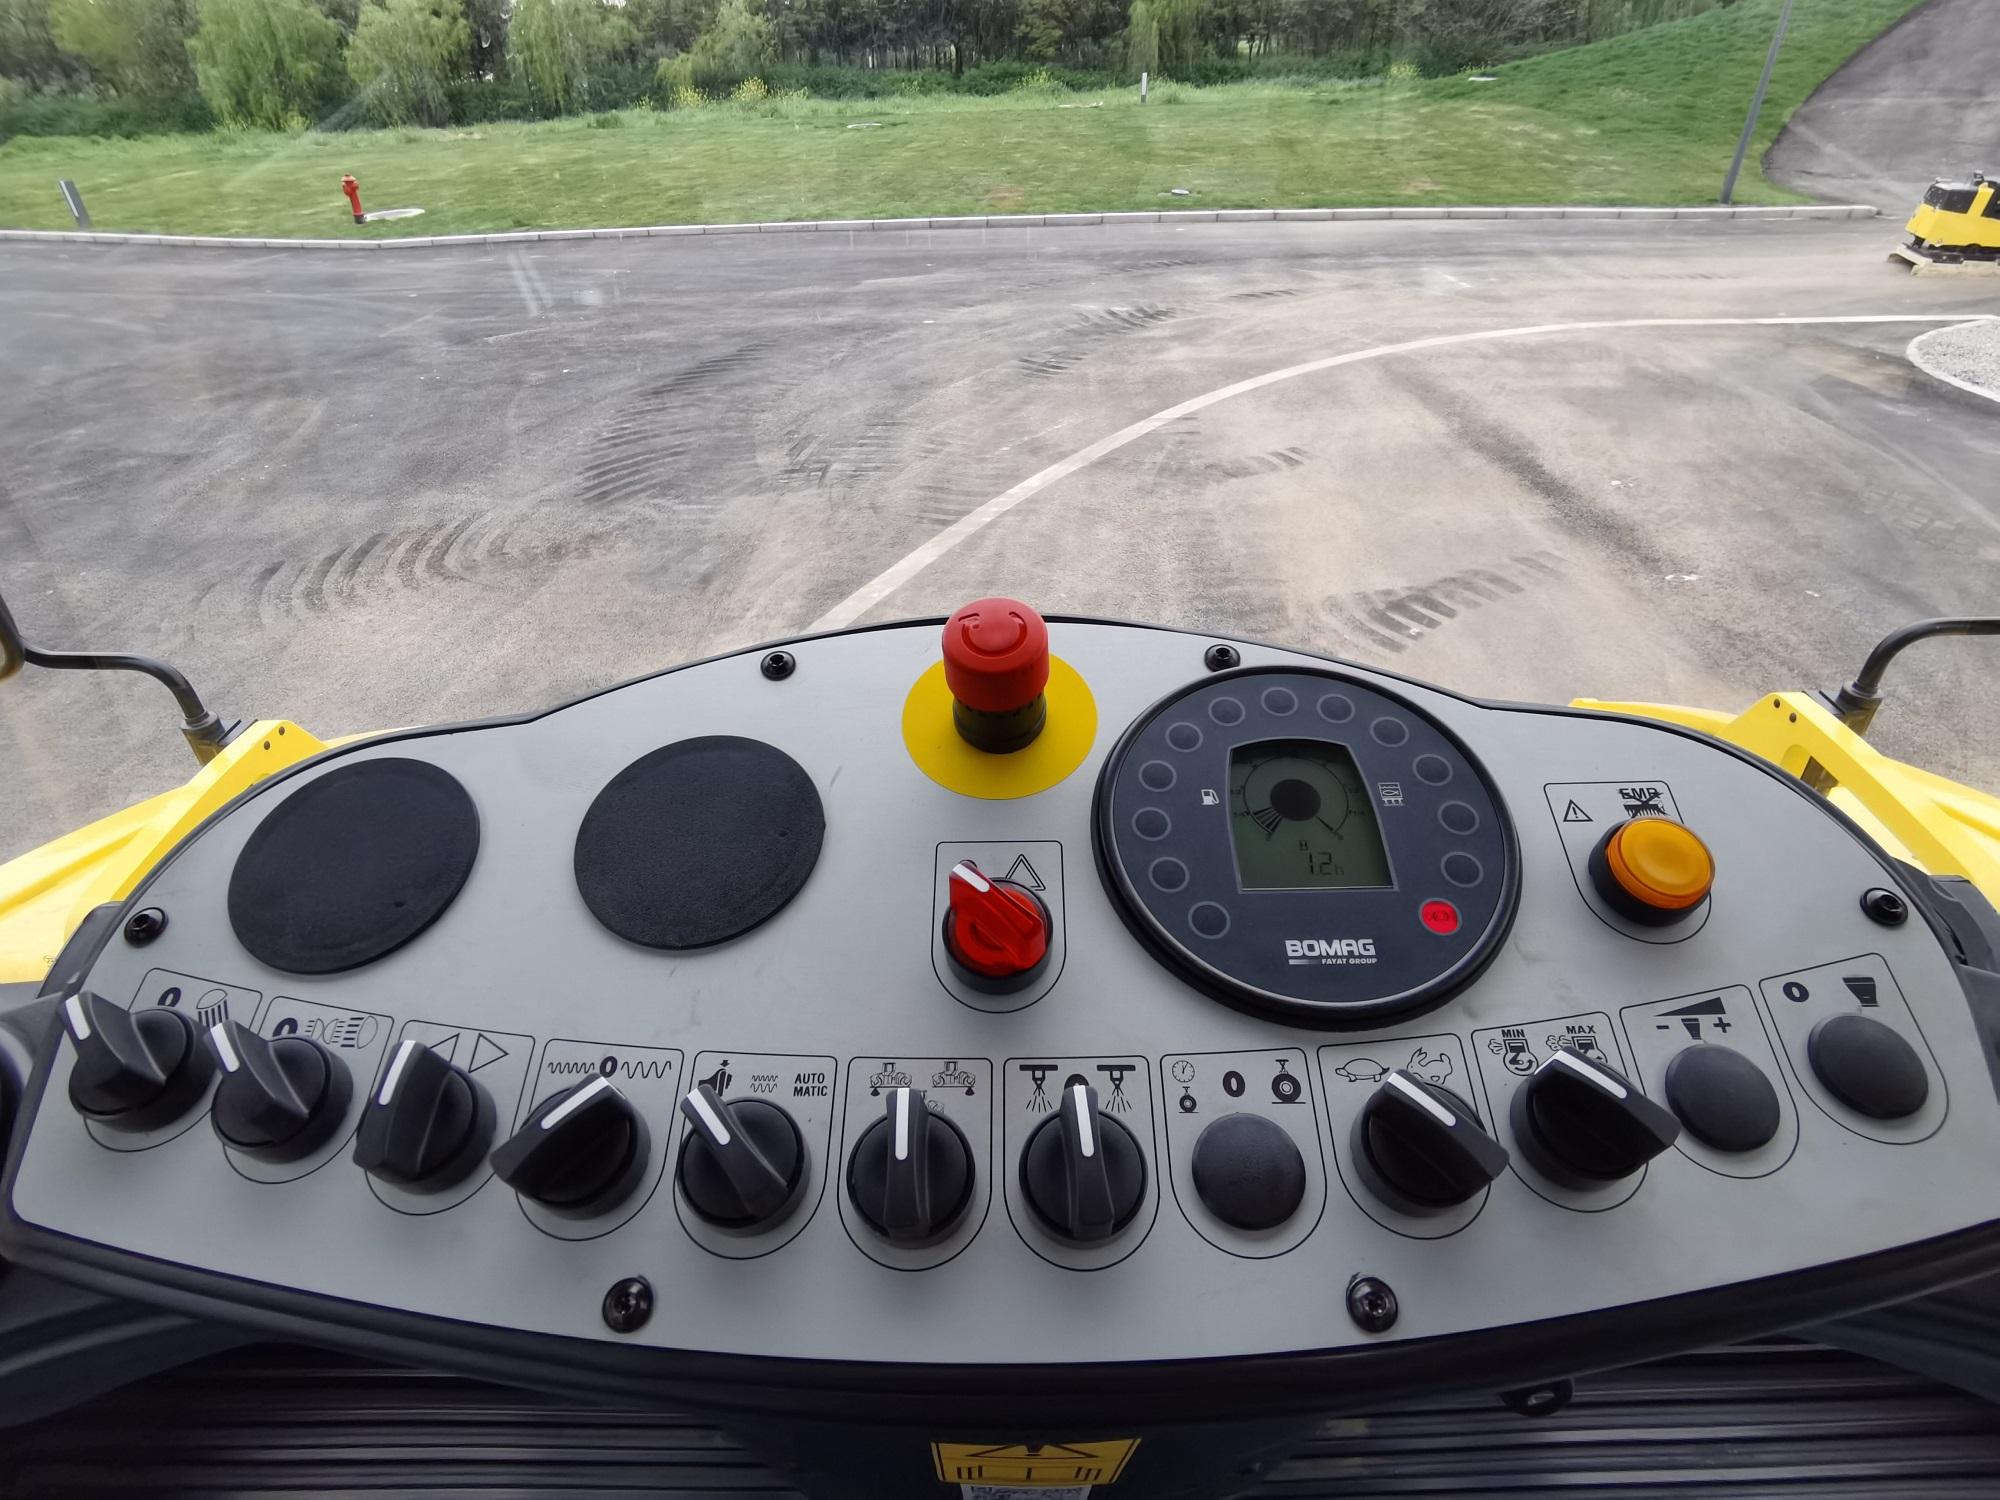 【多图】宝马格 BW203AD-4压路机仪表台细节图_高清图